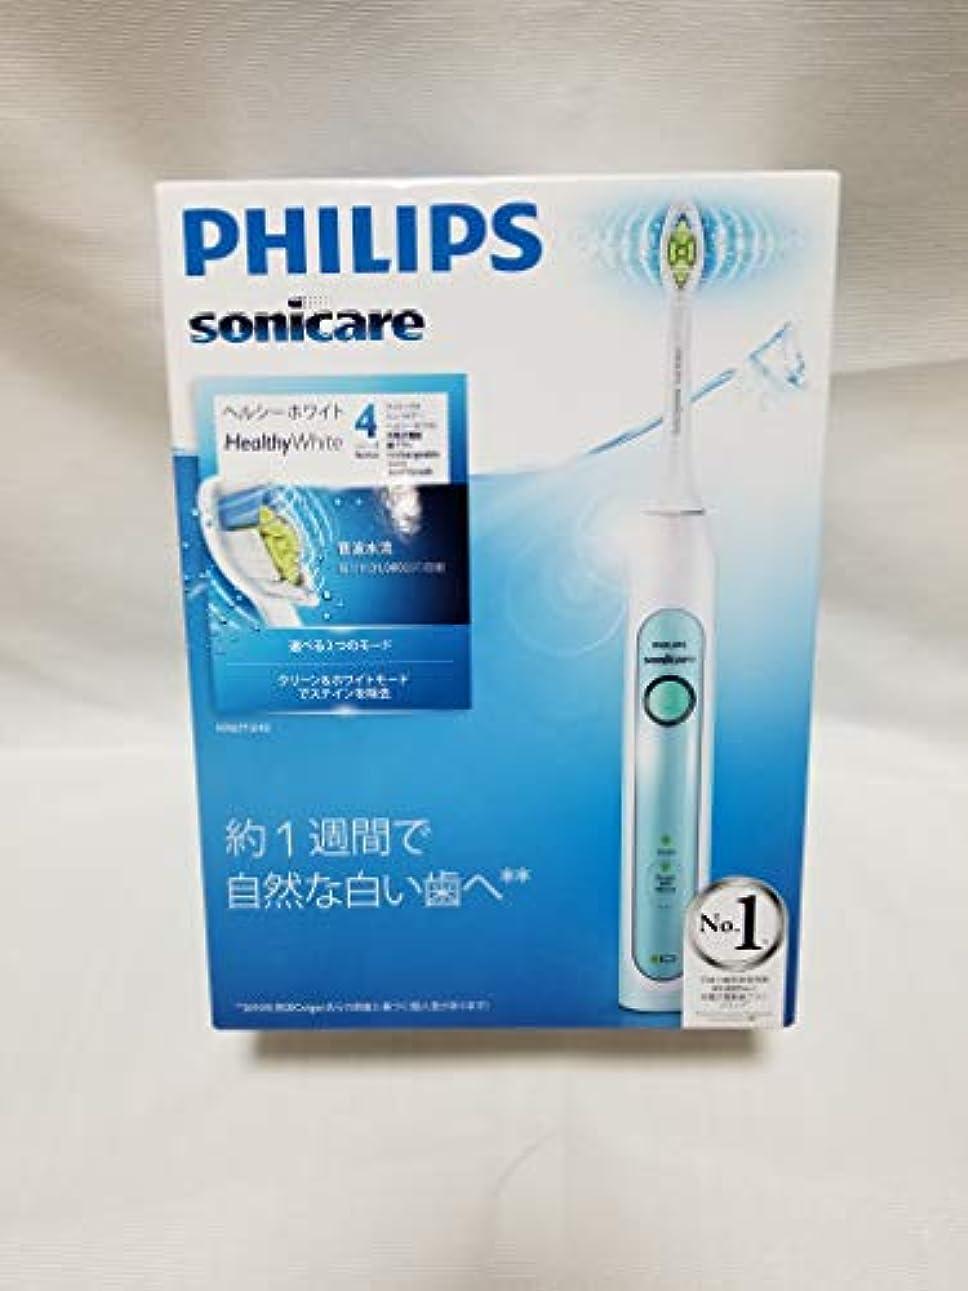 くすぐったいファンブル解き明かすフィリップス 電動歯ブラシ(ブルー)PHILIPS sonicare ソニッケアー ヘルシーホワイト HX6713/43